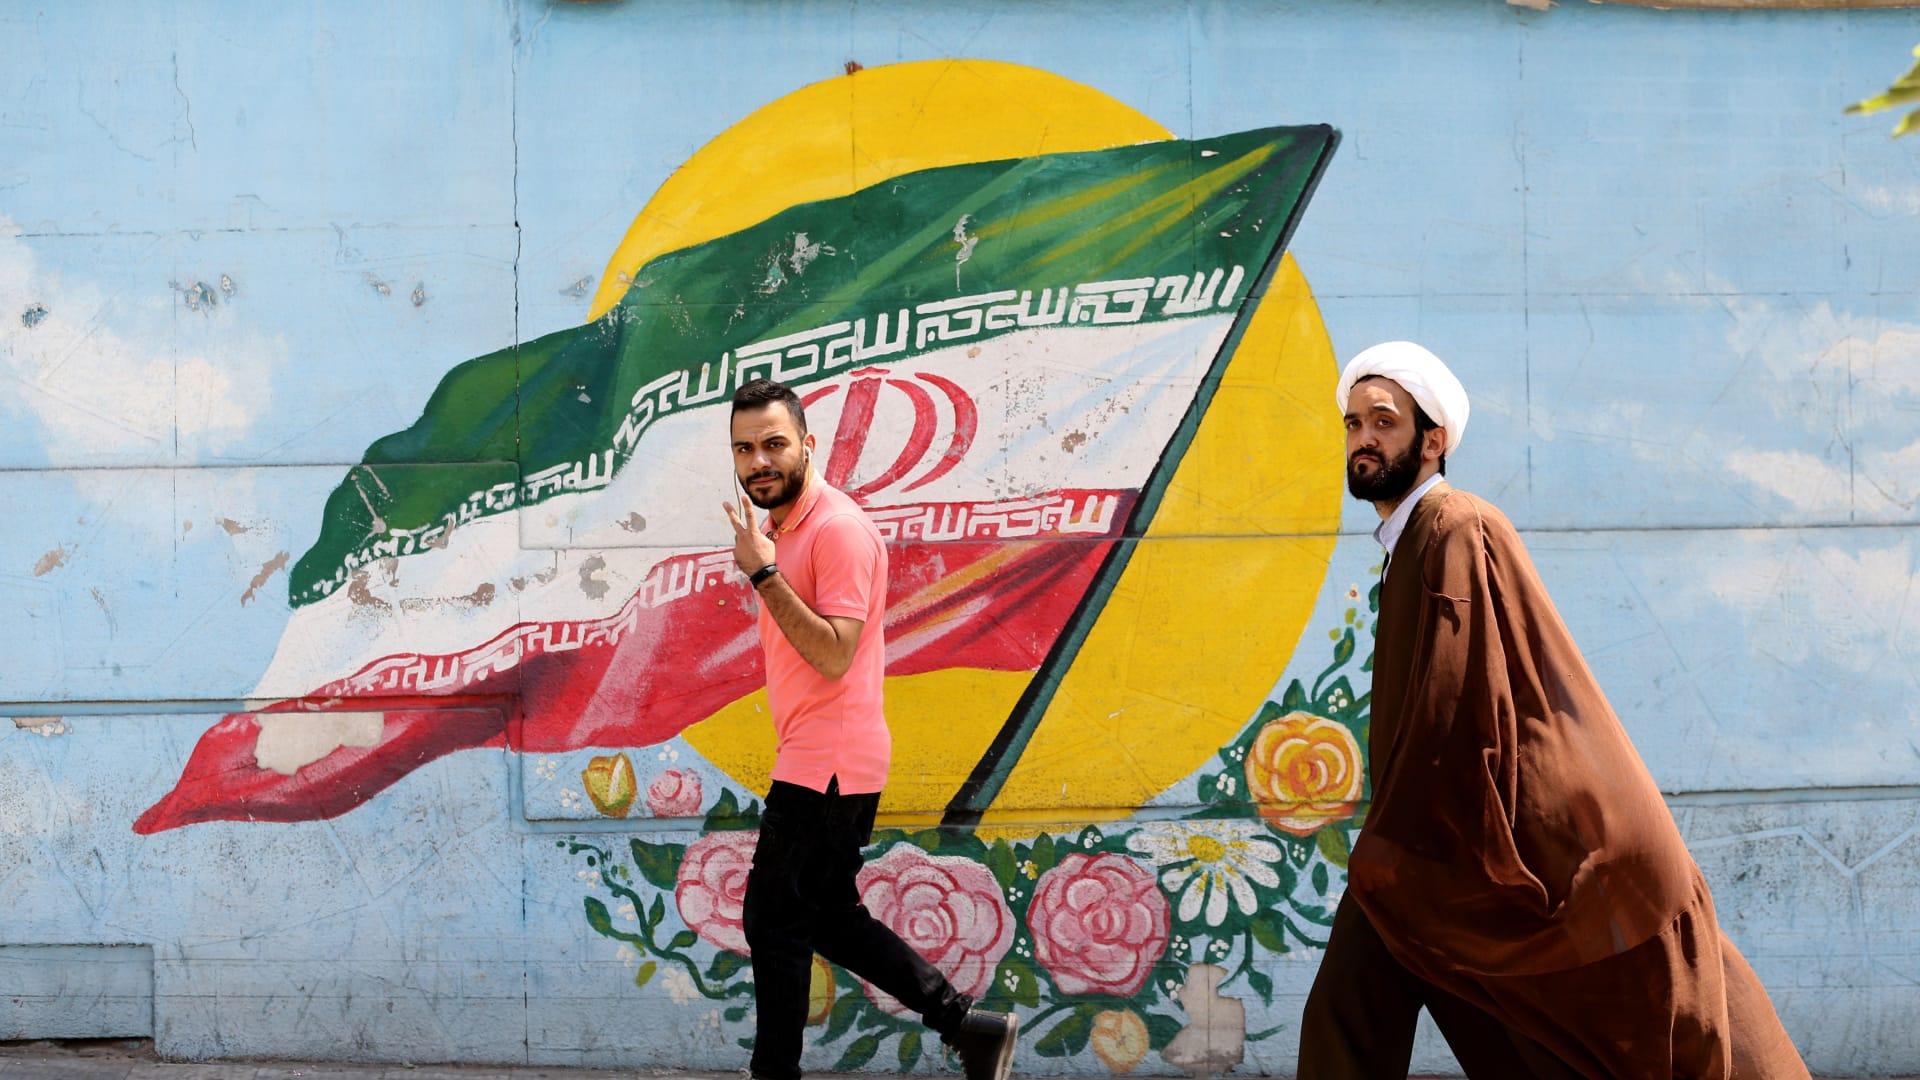 """رومانيا تهدد إيران بـ""""الرد المناسب"""" وتستدعي سفير طهران لديها بسبب الهجوم على الناقلة الإسرائيلية"""